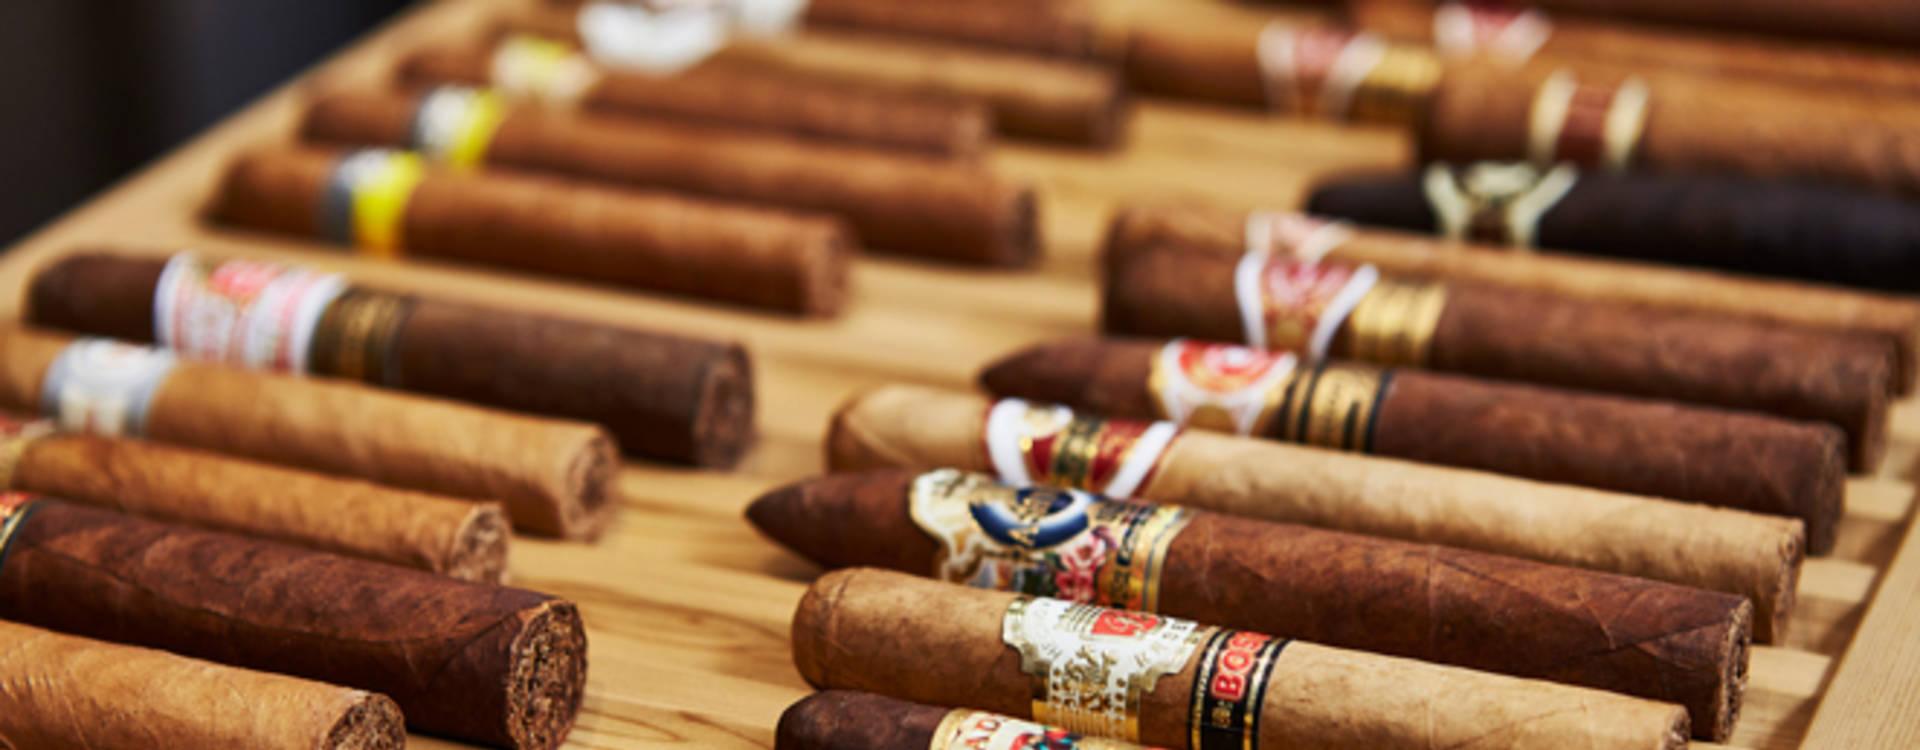 acheter une cave a cigares en promo